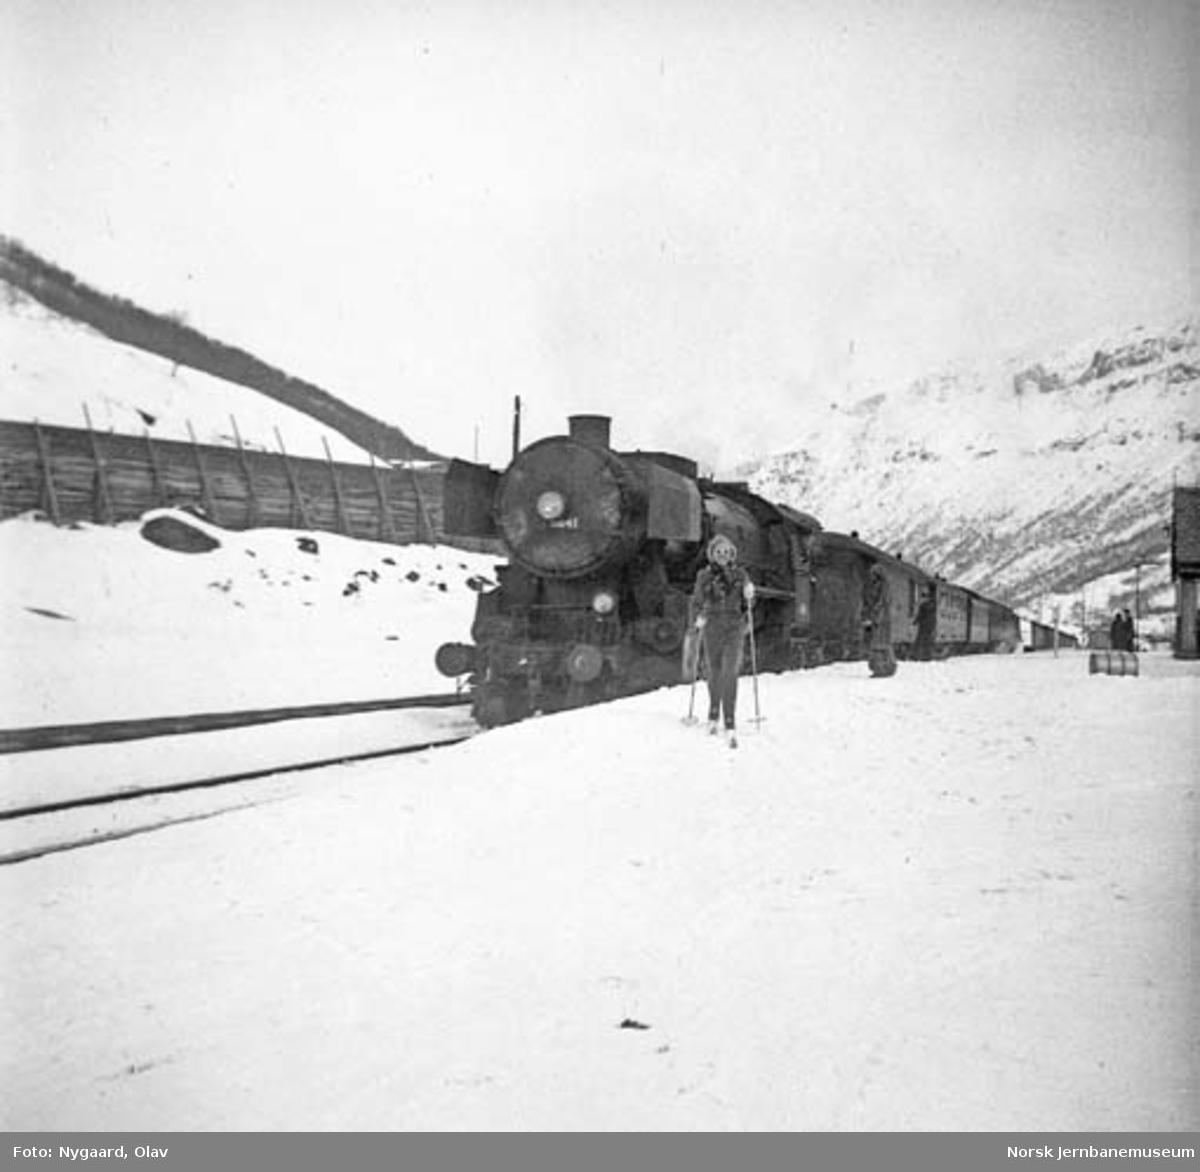 Sørgående daghurtigtog ankommer Kongsvoll stasjon, trukket av damplokomotiv type 63a nr. 5841